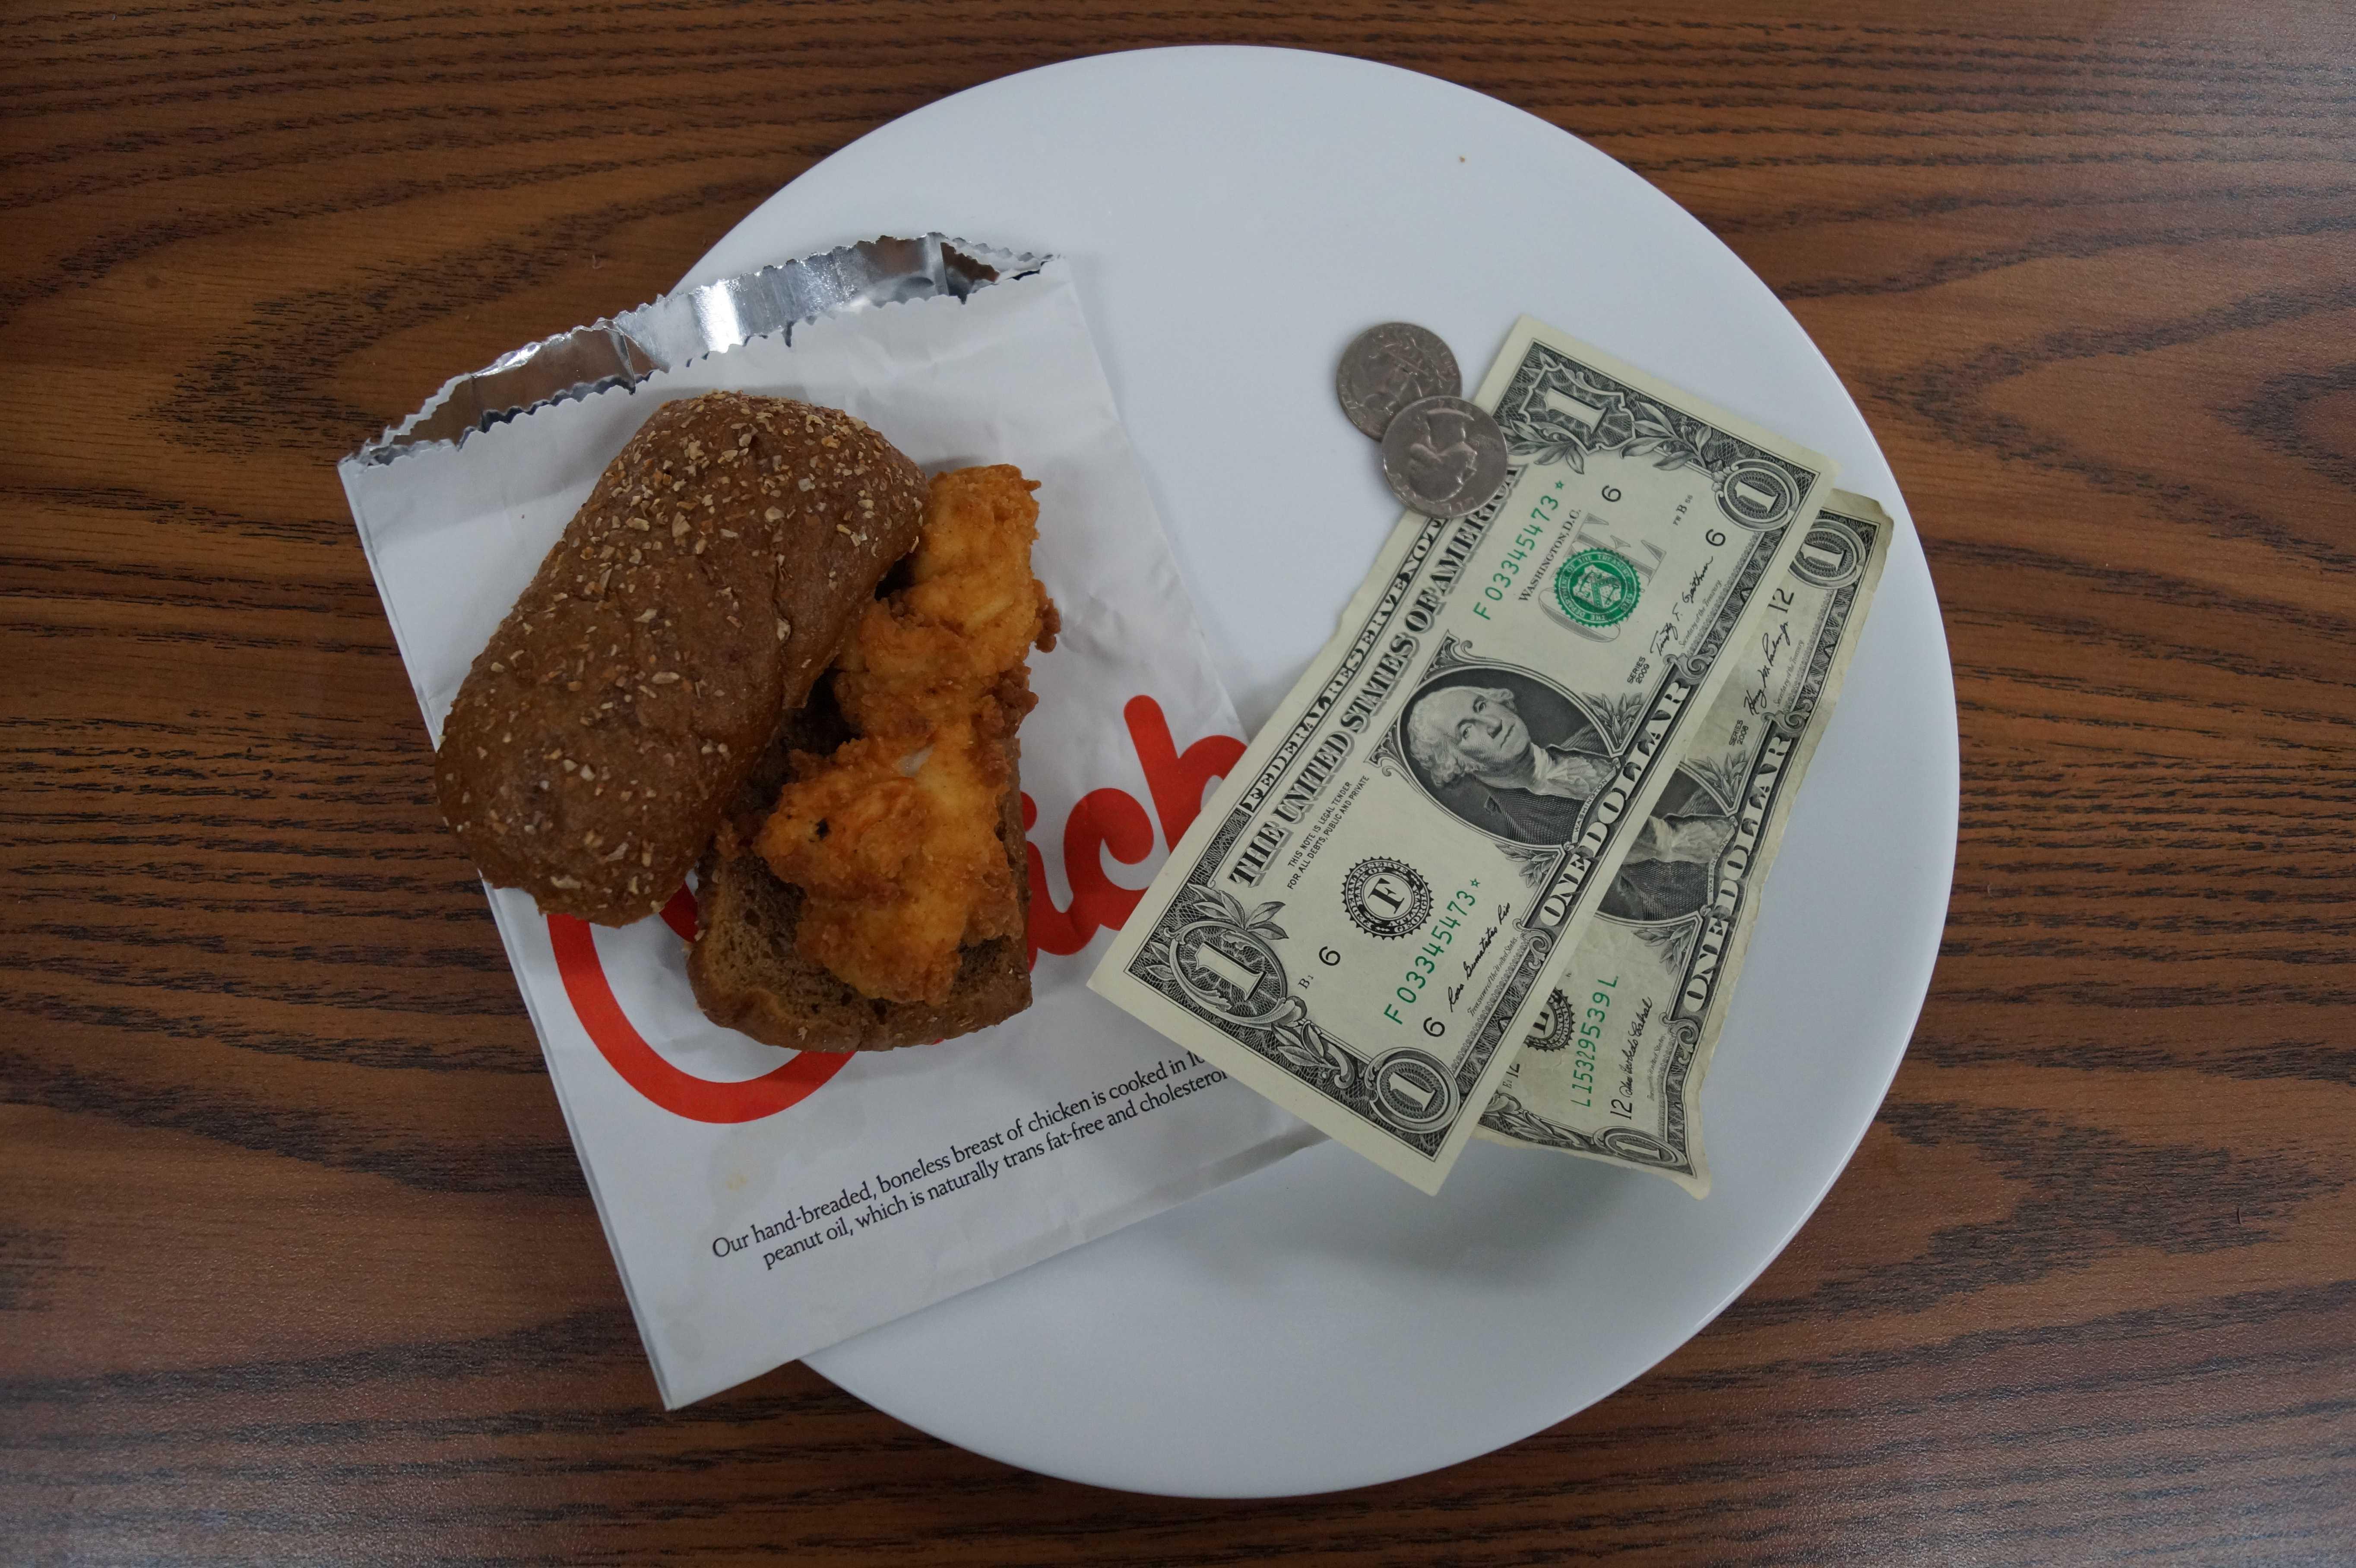 New Chik-fil-a sandwich